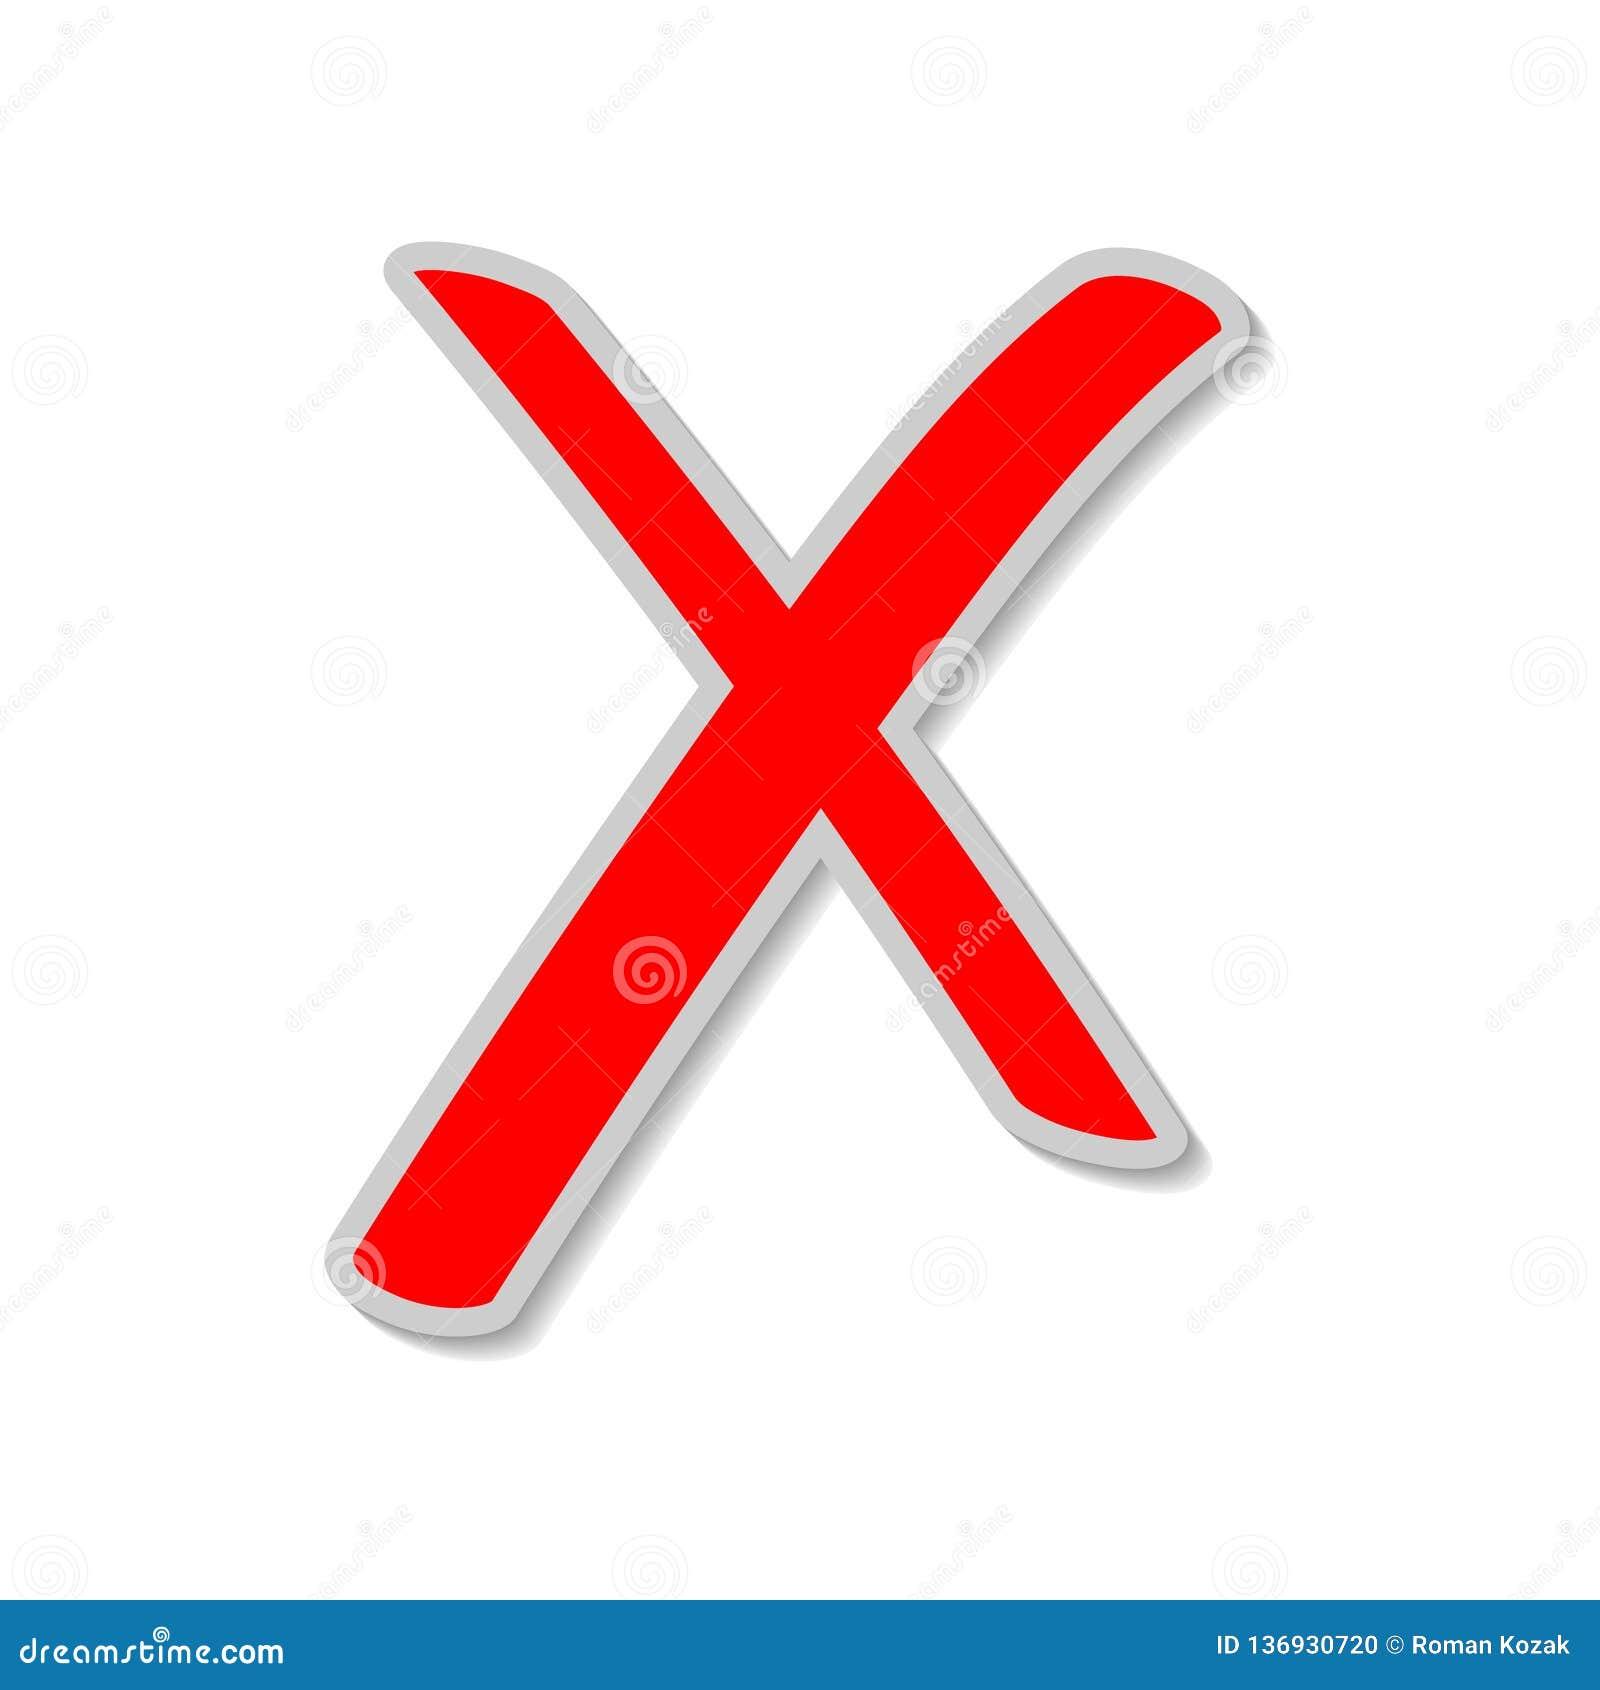 Annuleer, nr, wis, verwerp, verwijder, ontruim knoop